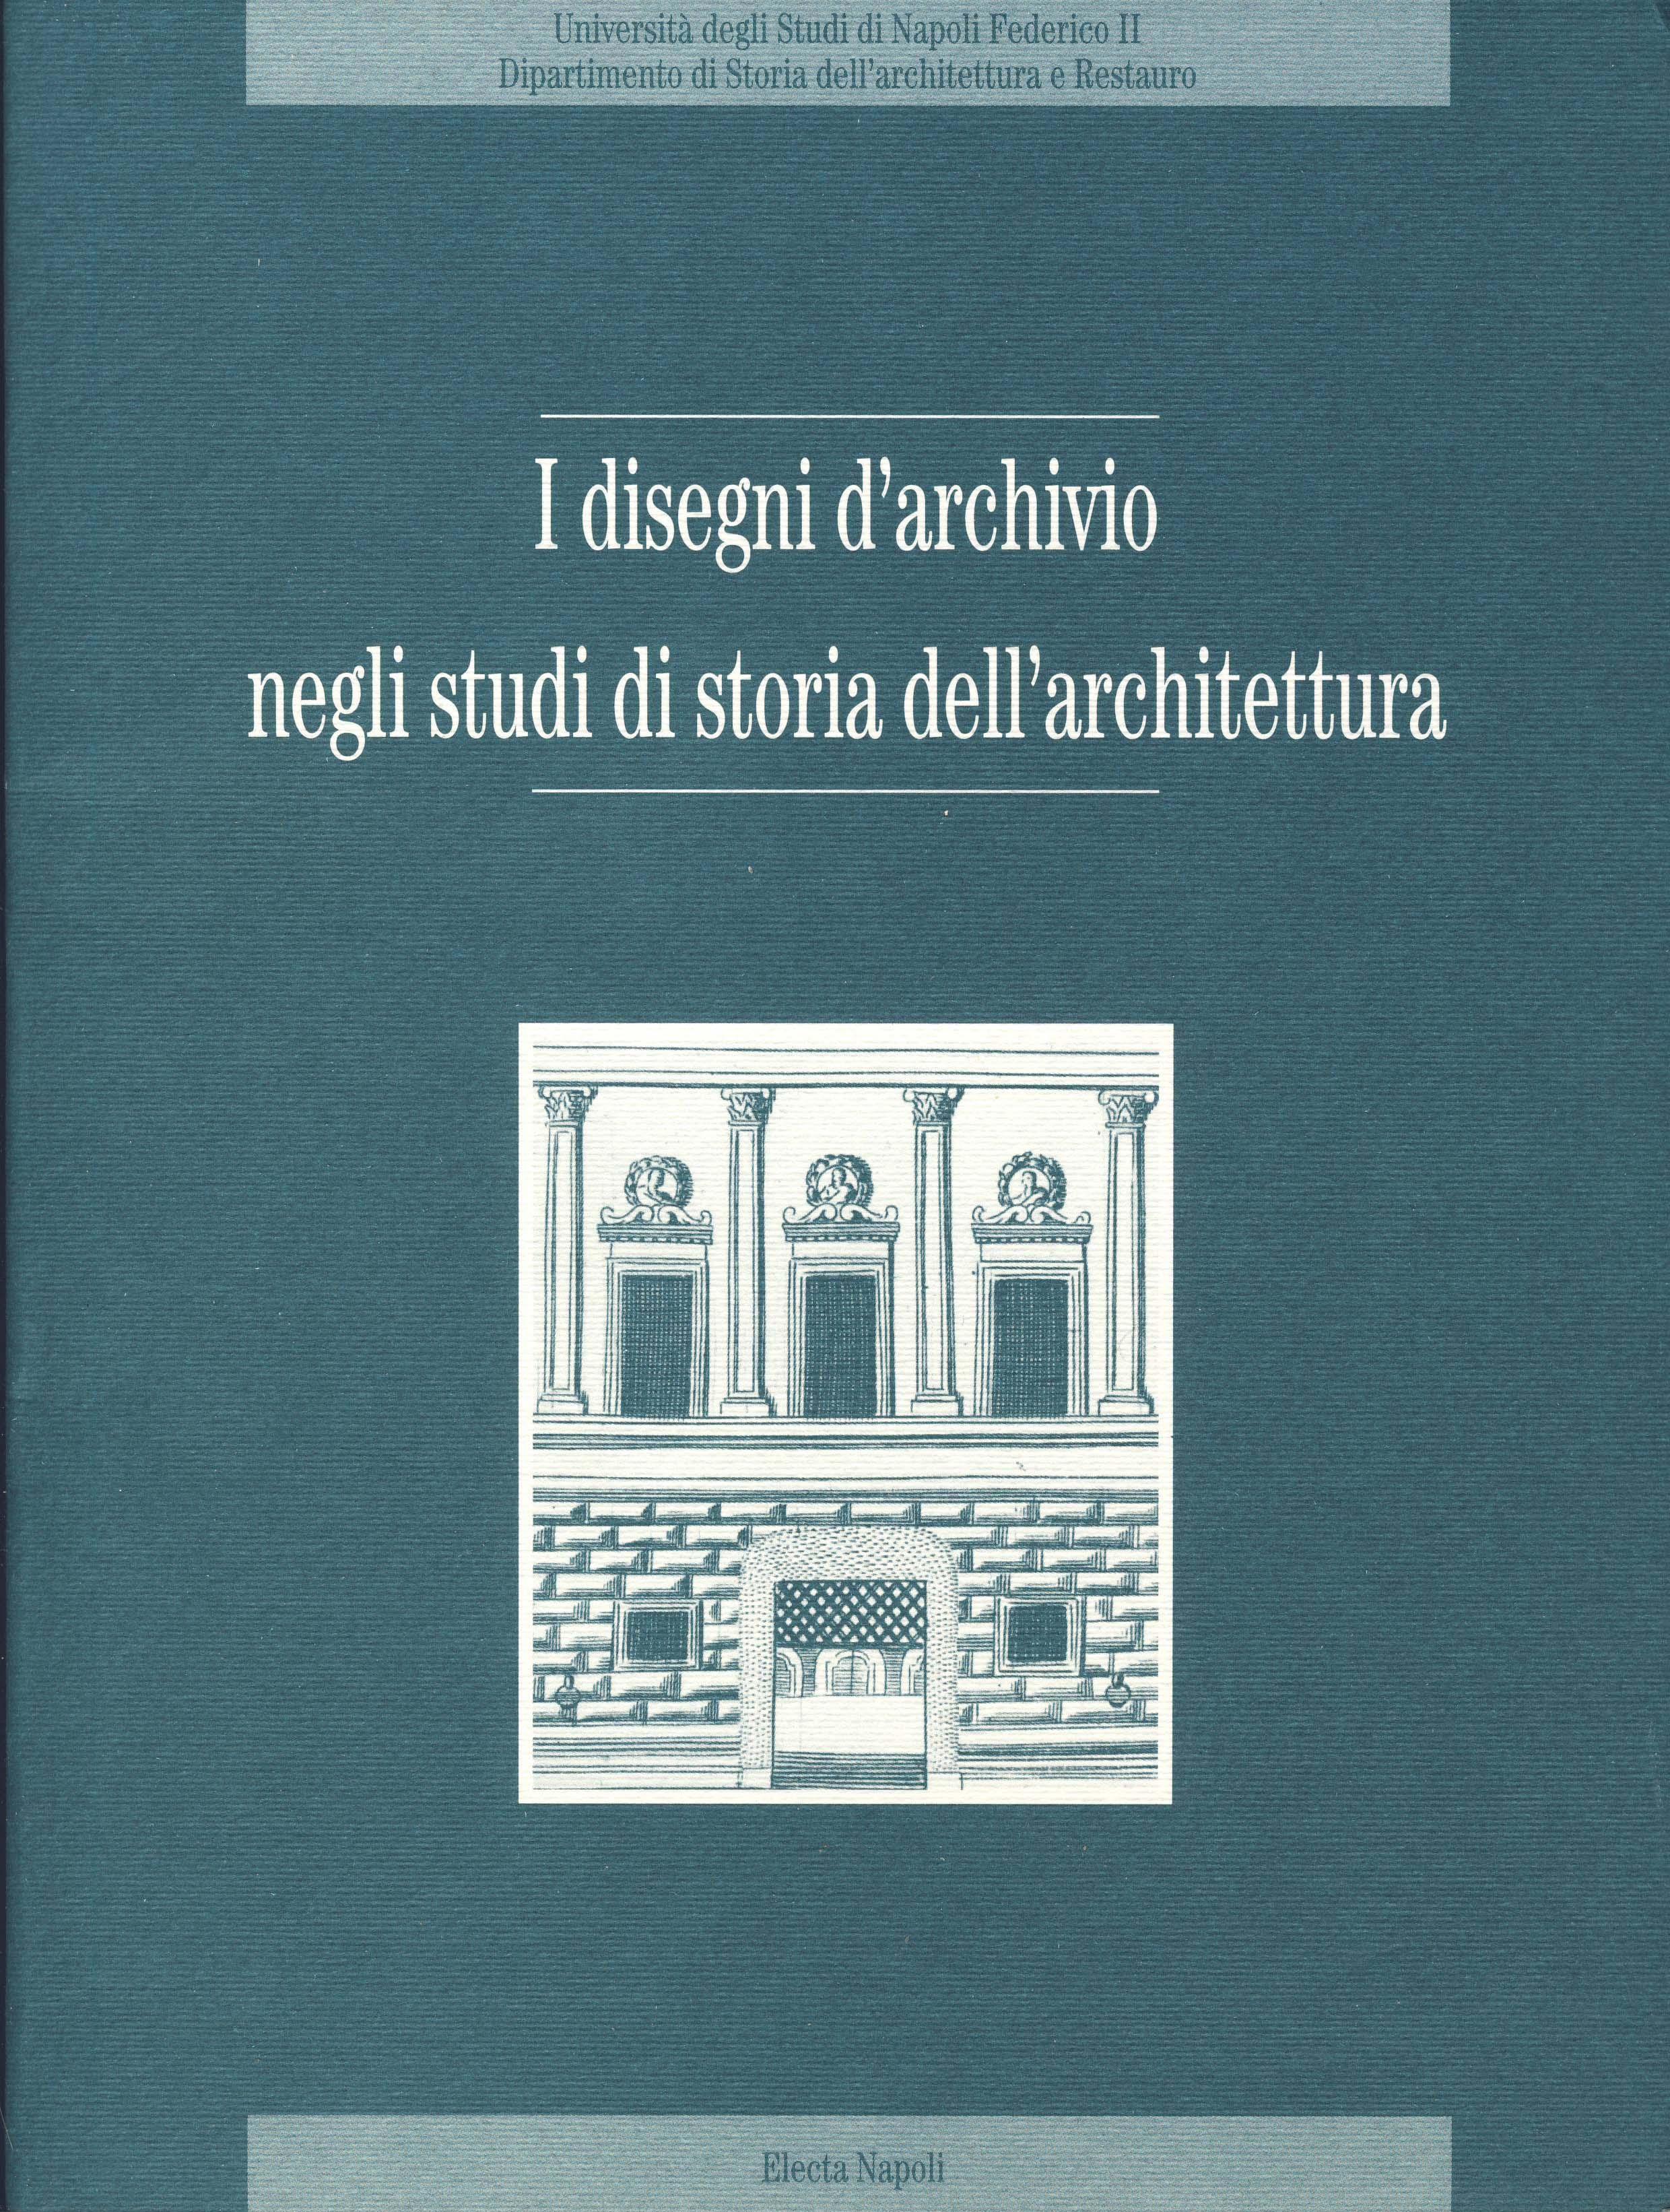 I disegni d'archivio negli studi di storia dell'architettura